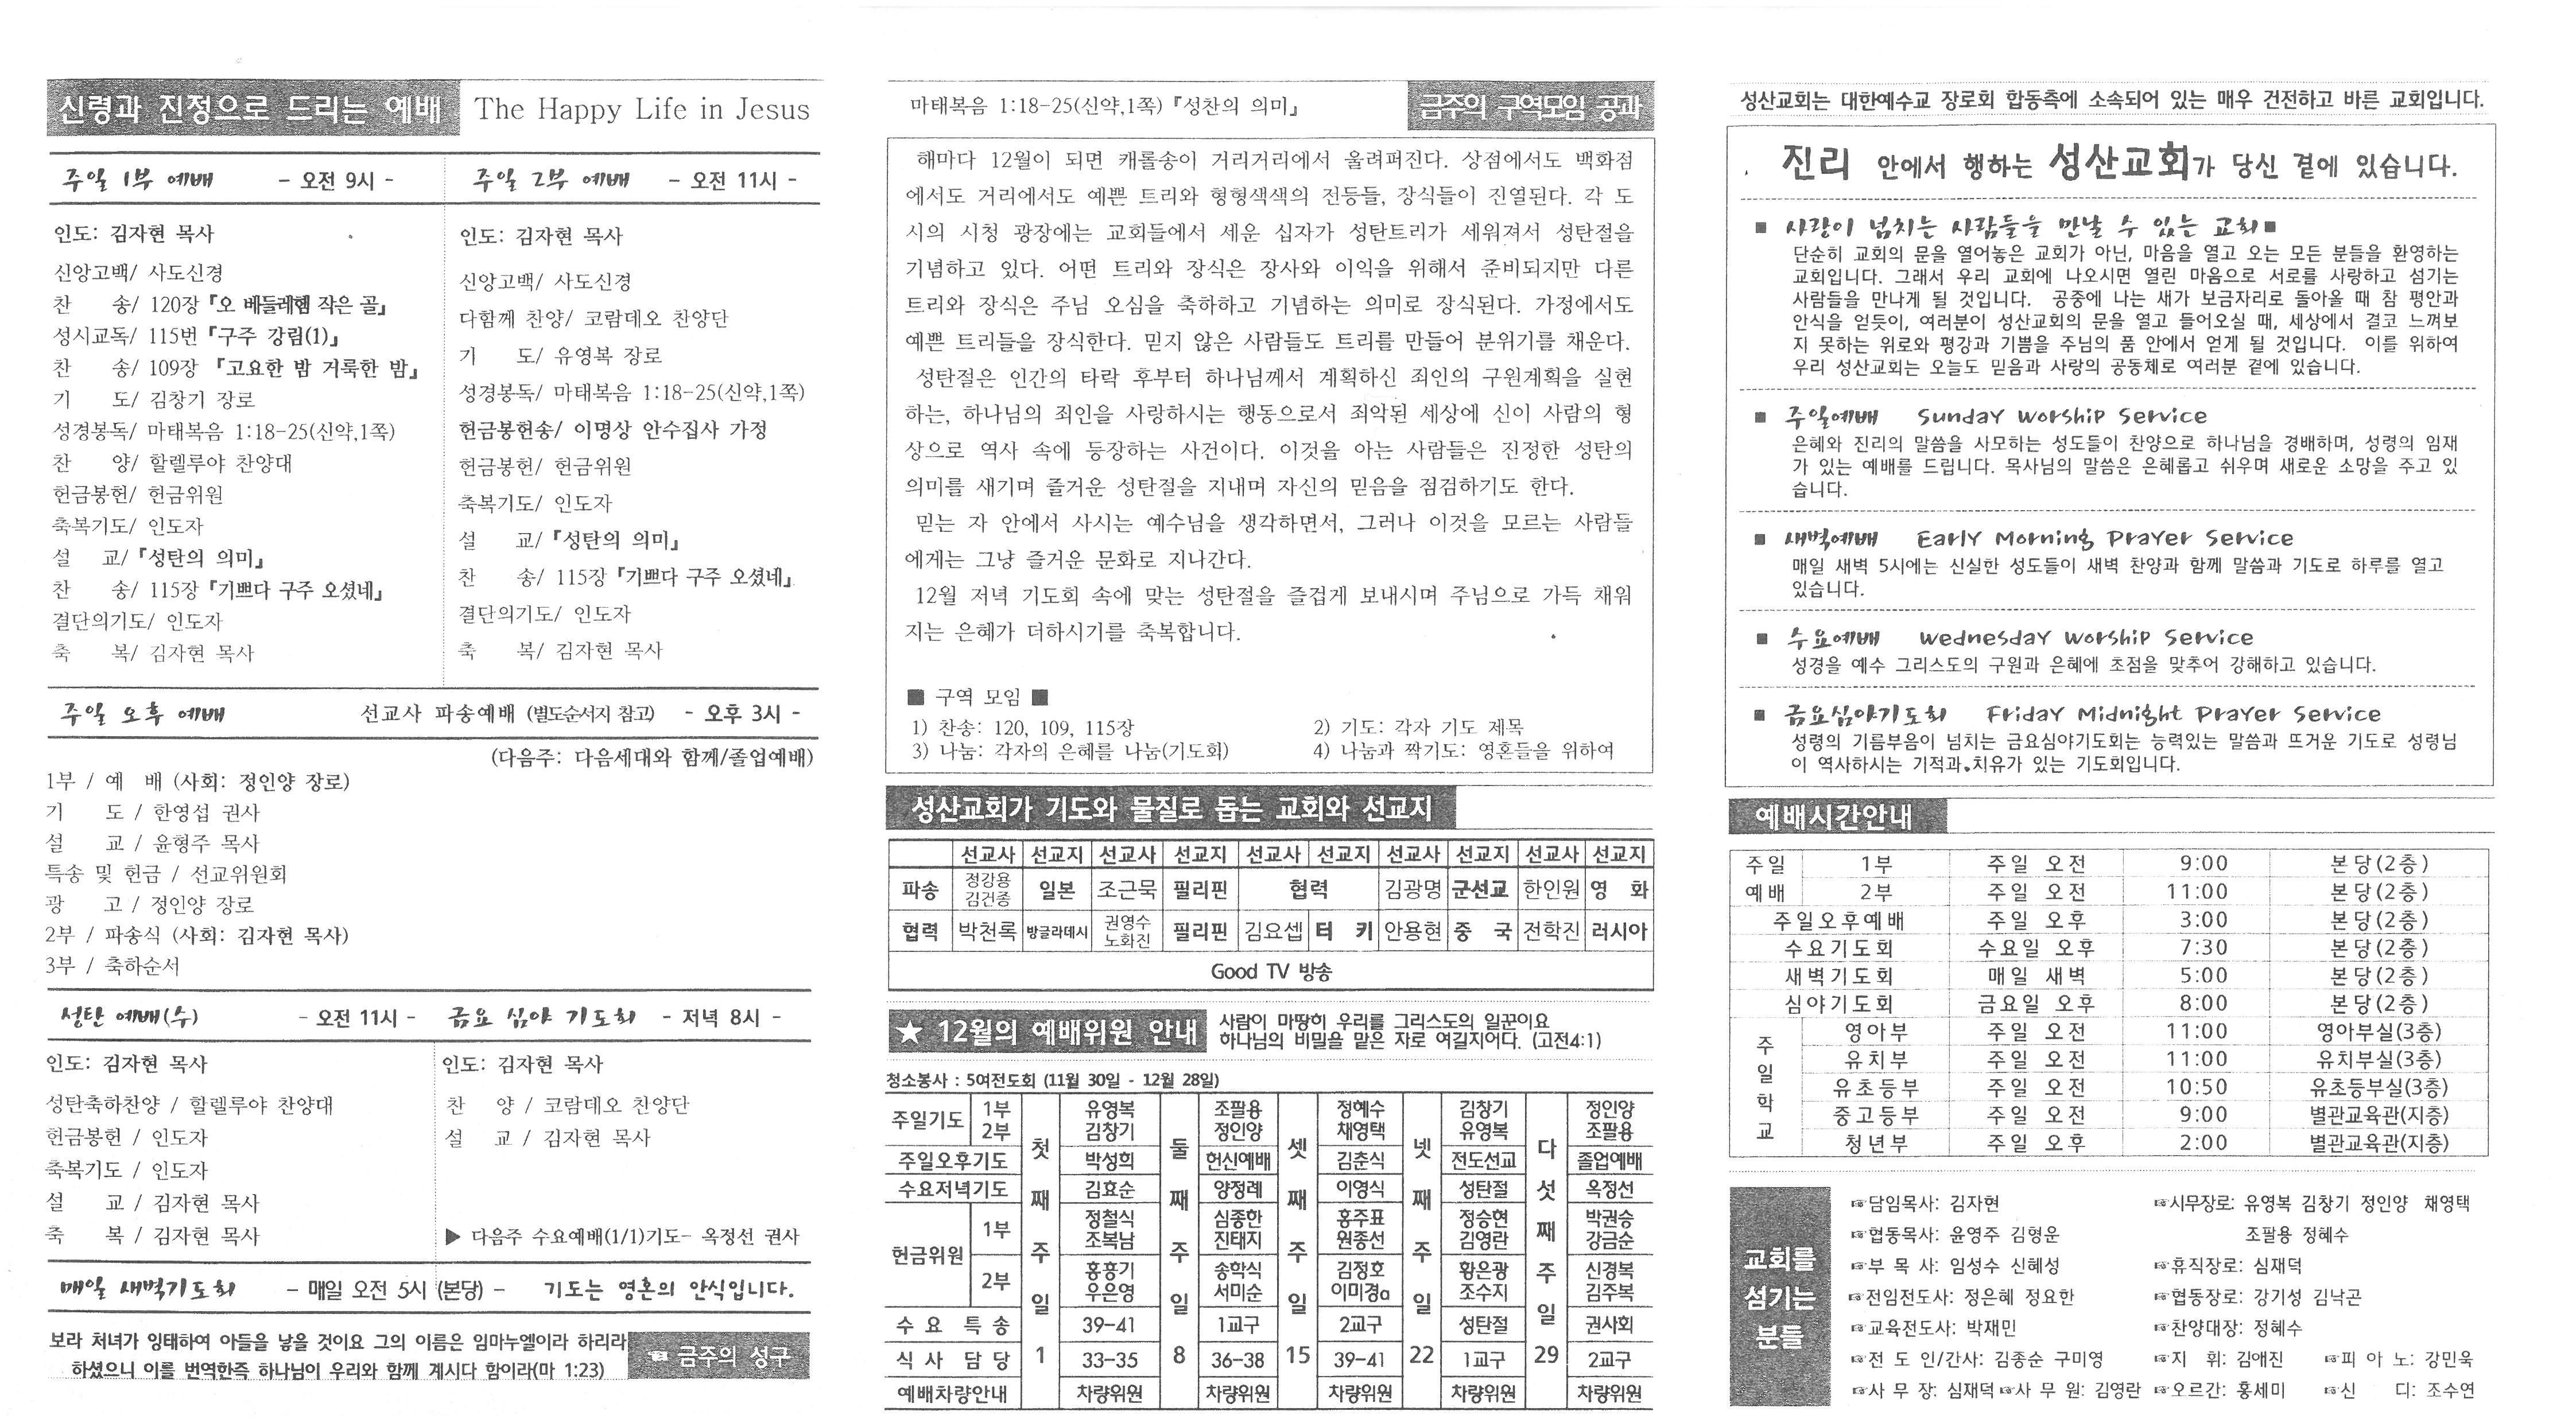 S22C-6e19122115490_0001.jpg